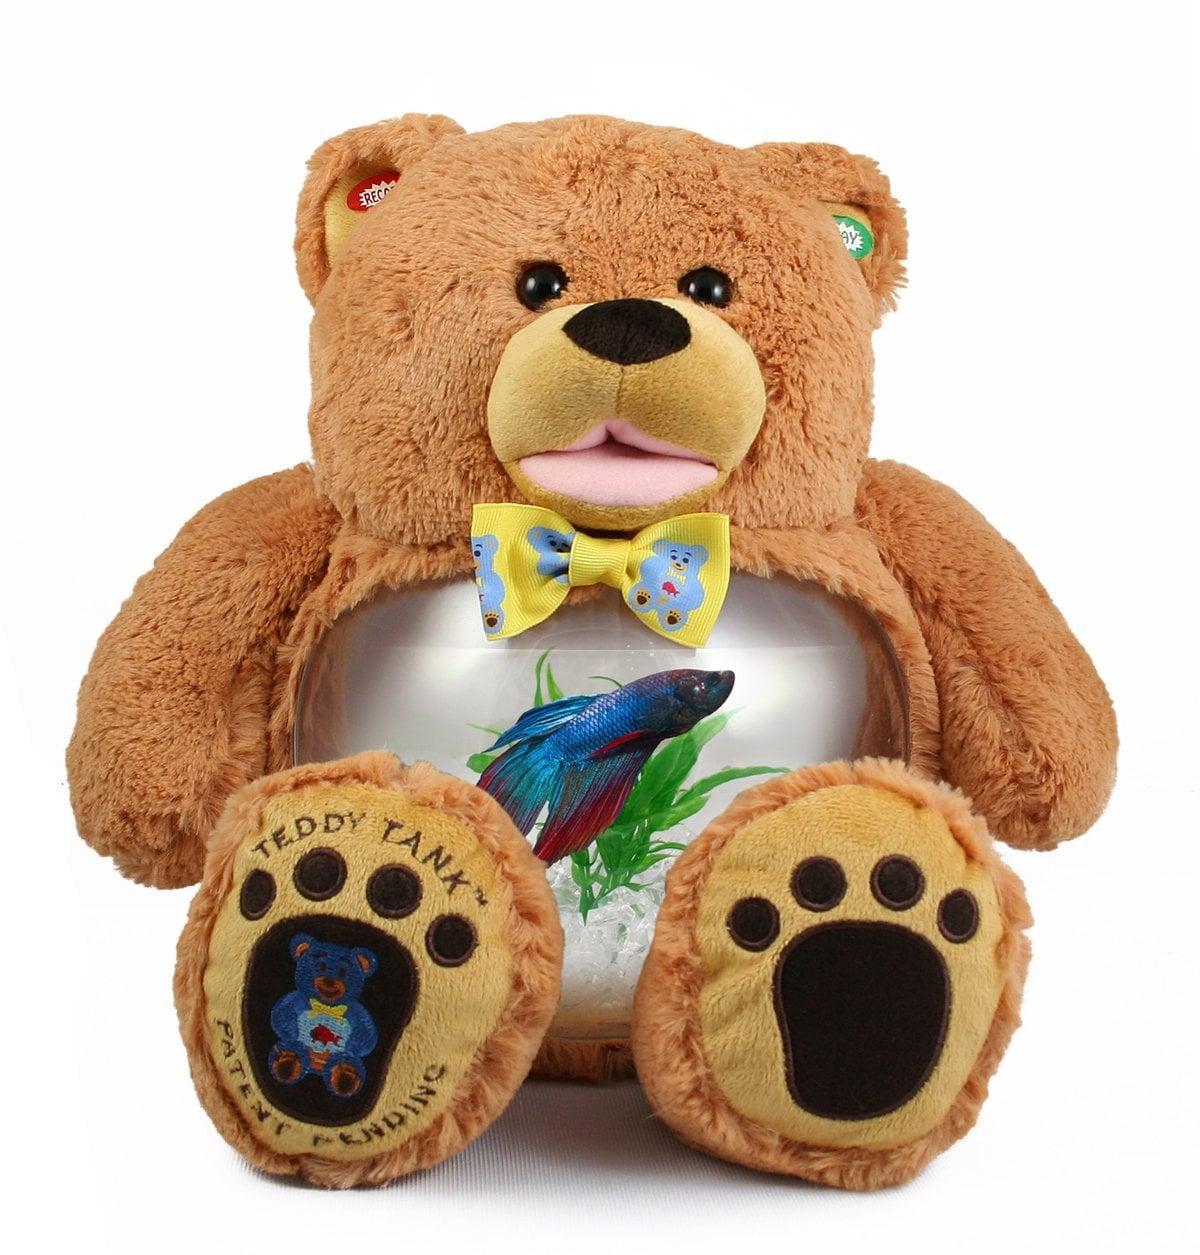 Teddy Tank